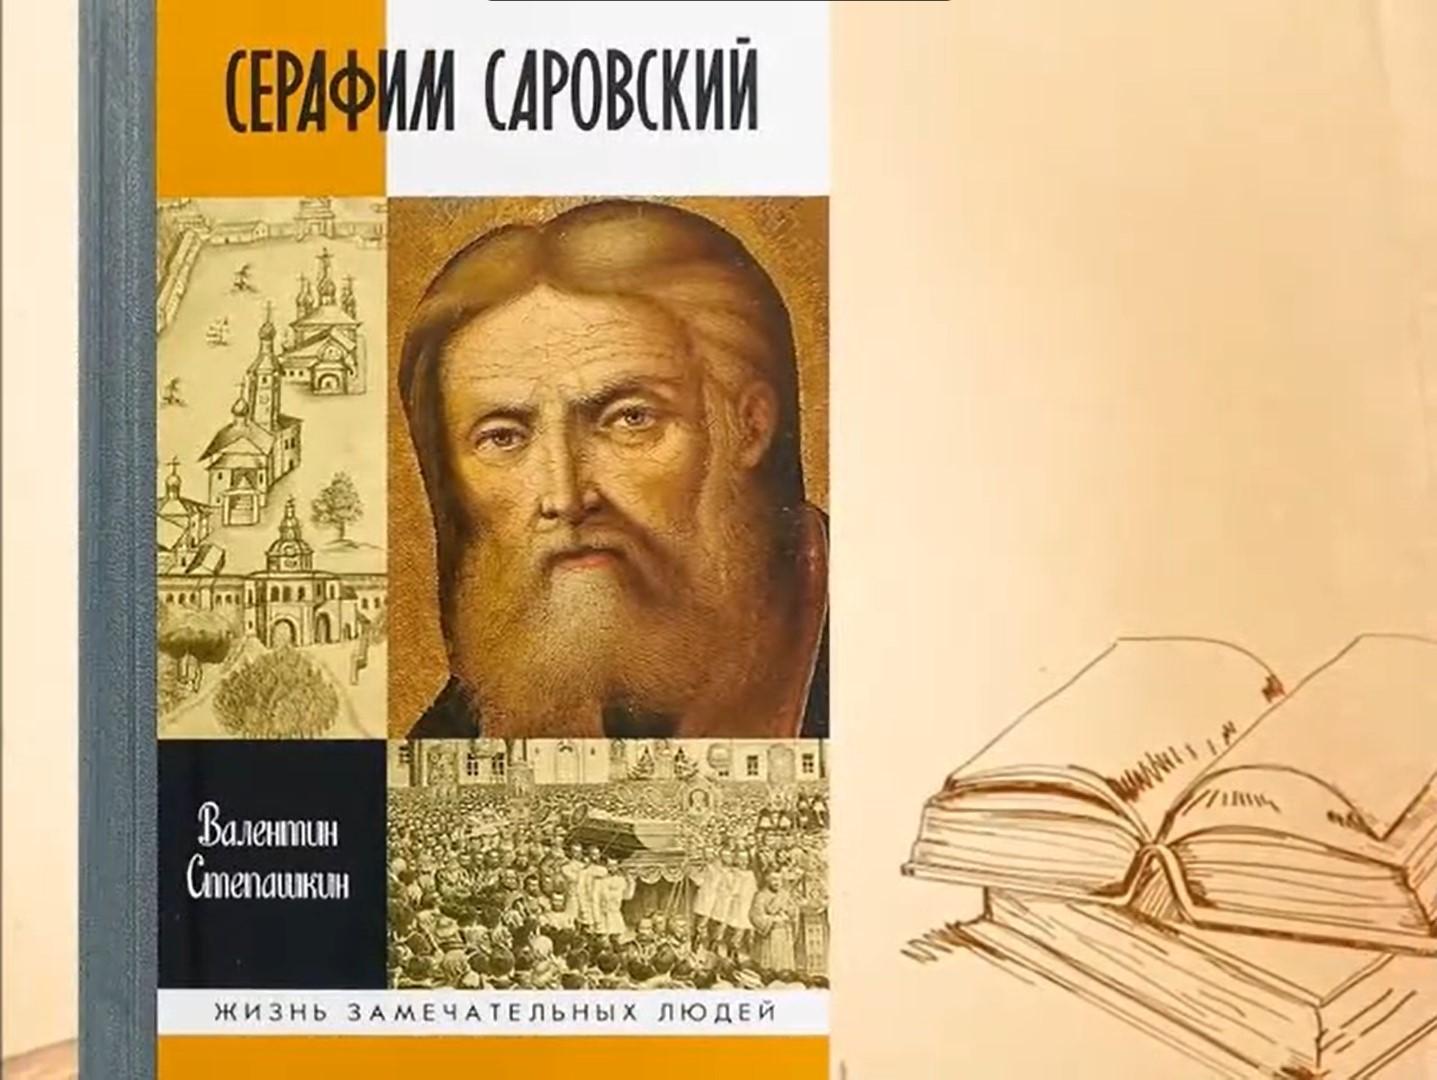 Библиотека им. В. Маяковского в Сарове представила книгу о преподобном Серафиме Саровском